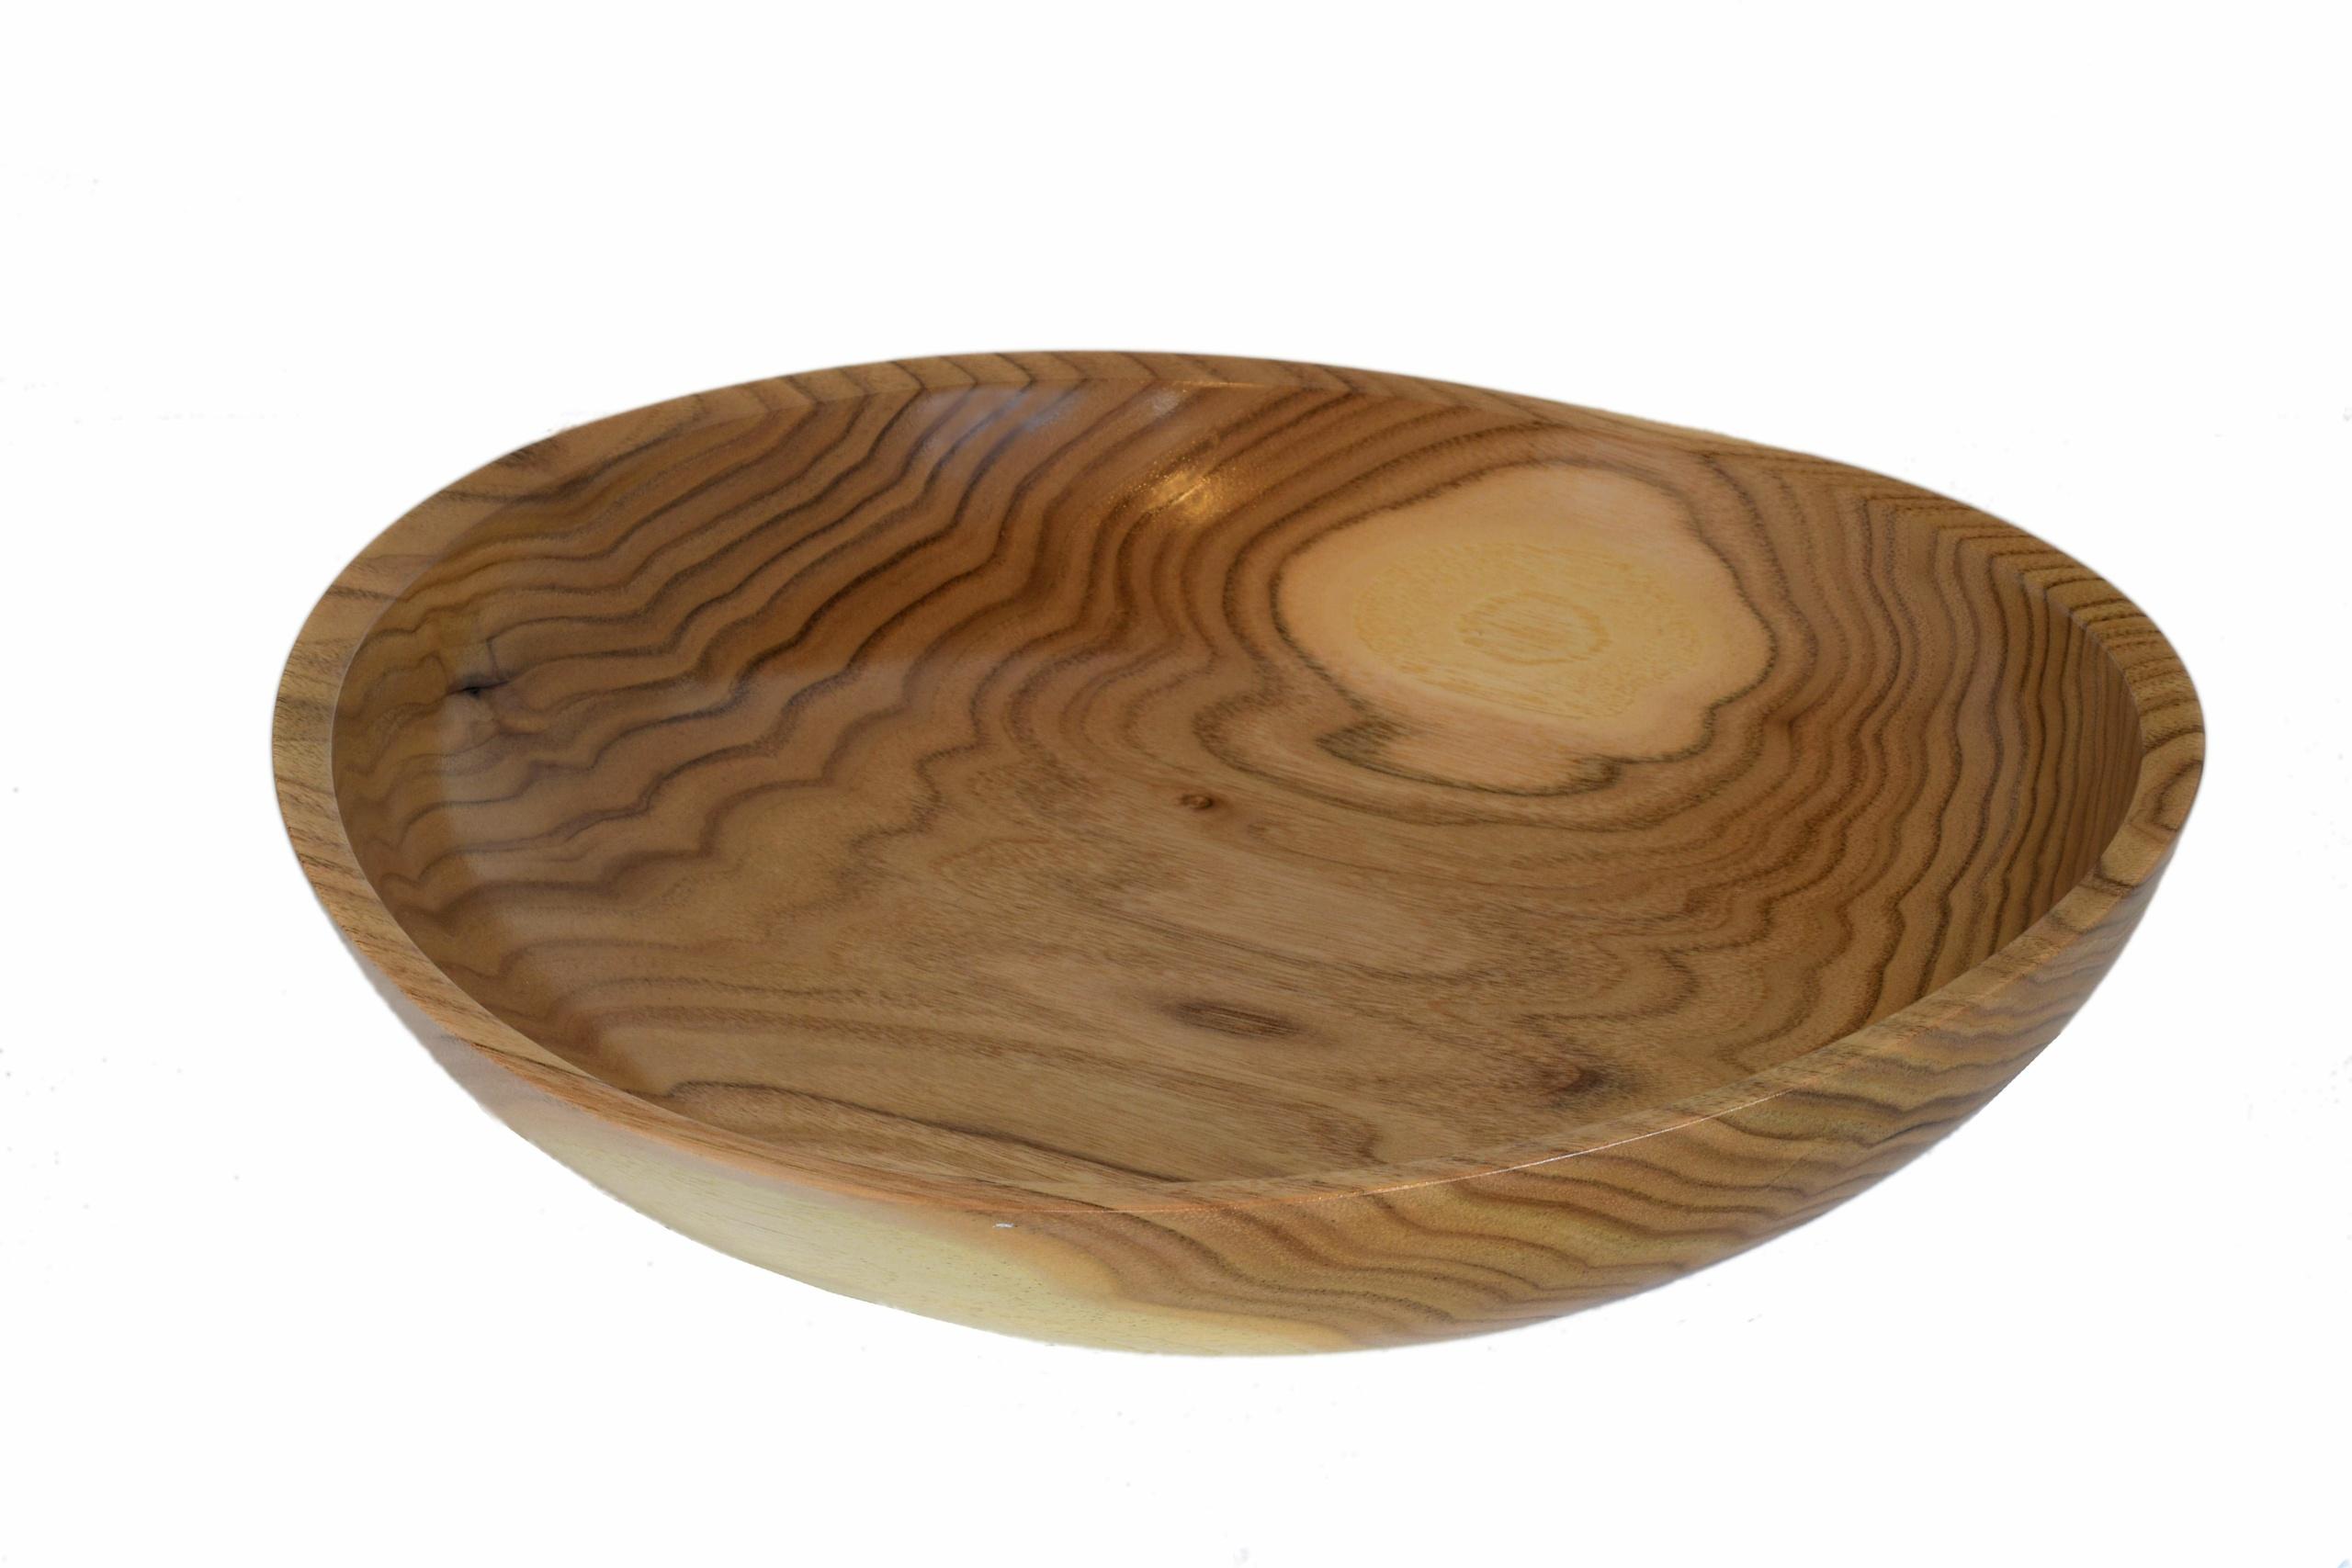 wood turned butternut bowl